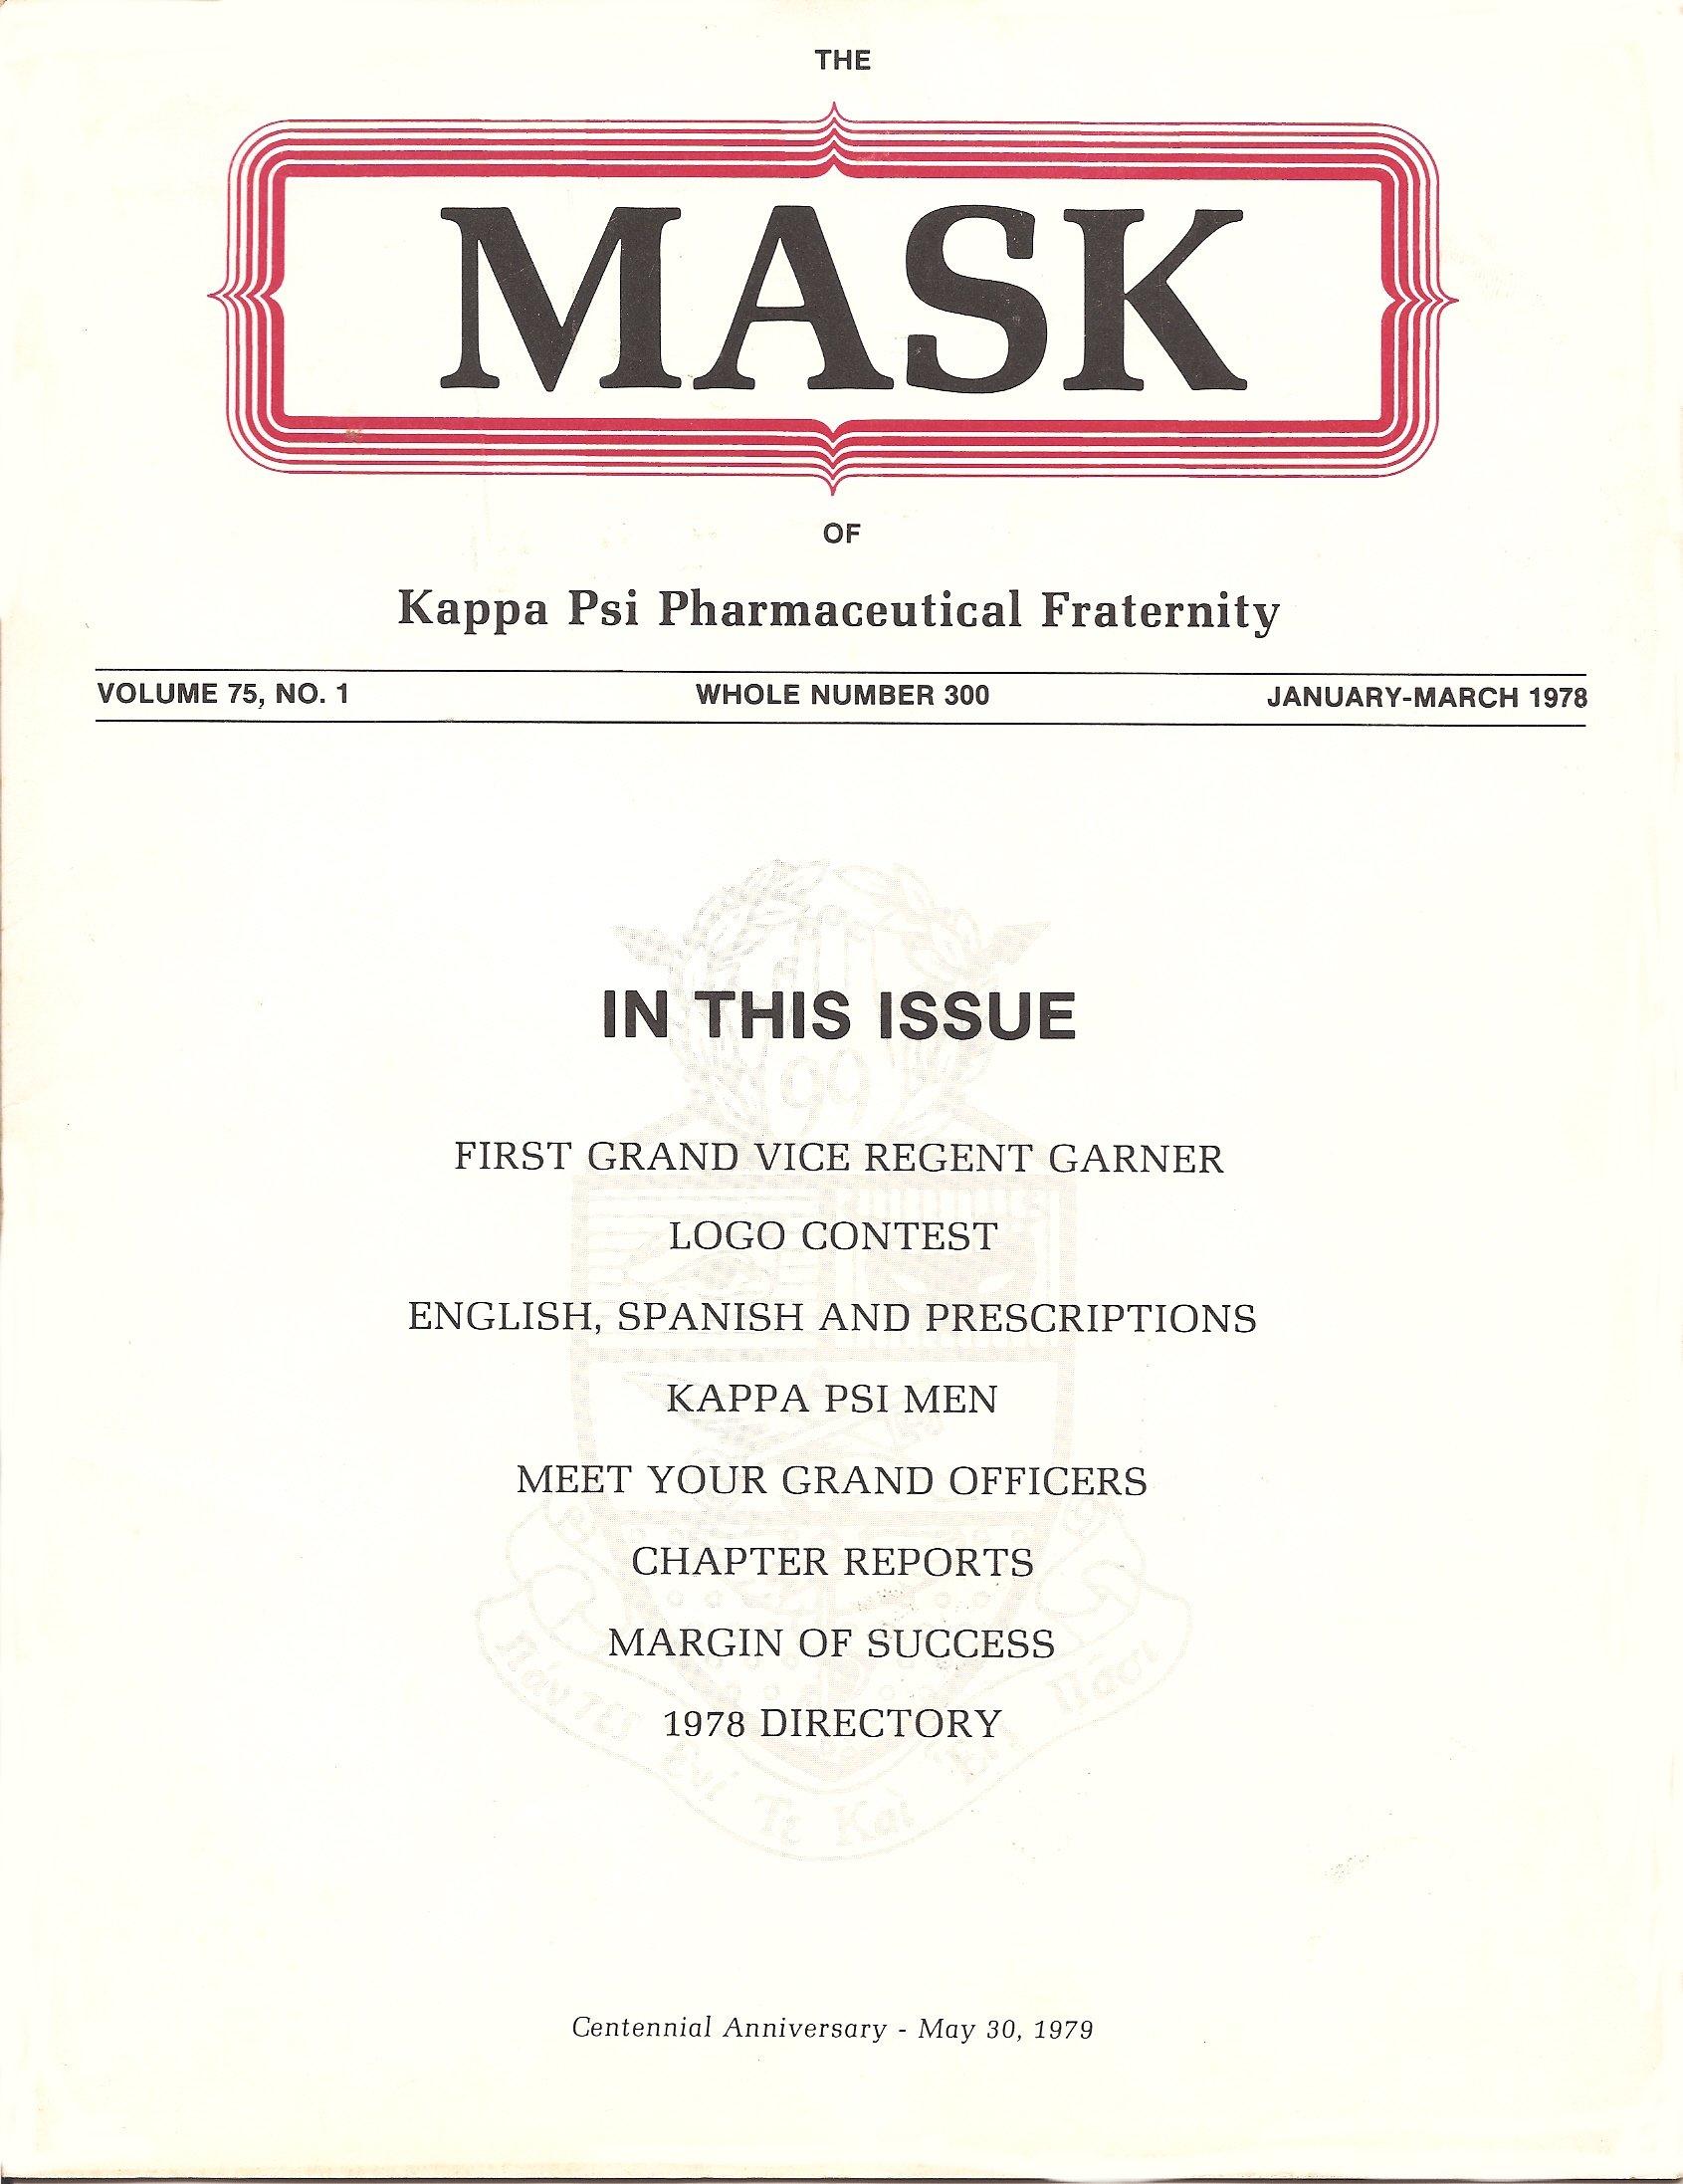 mask_cover_01_1978.jpg